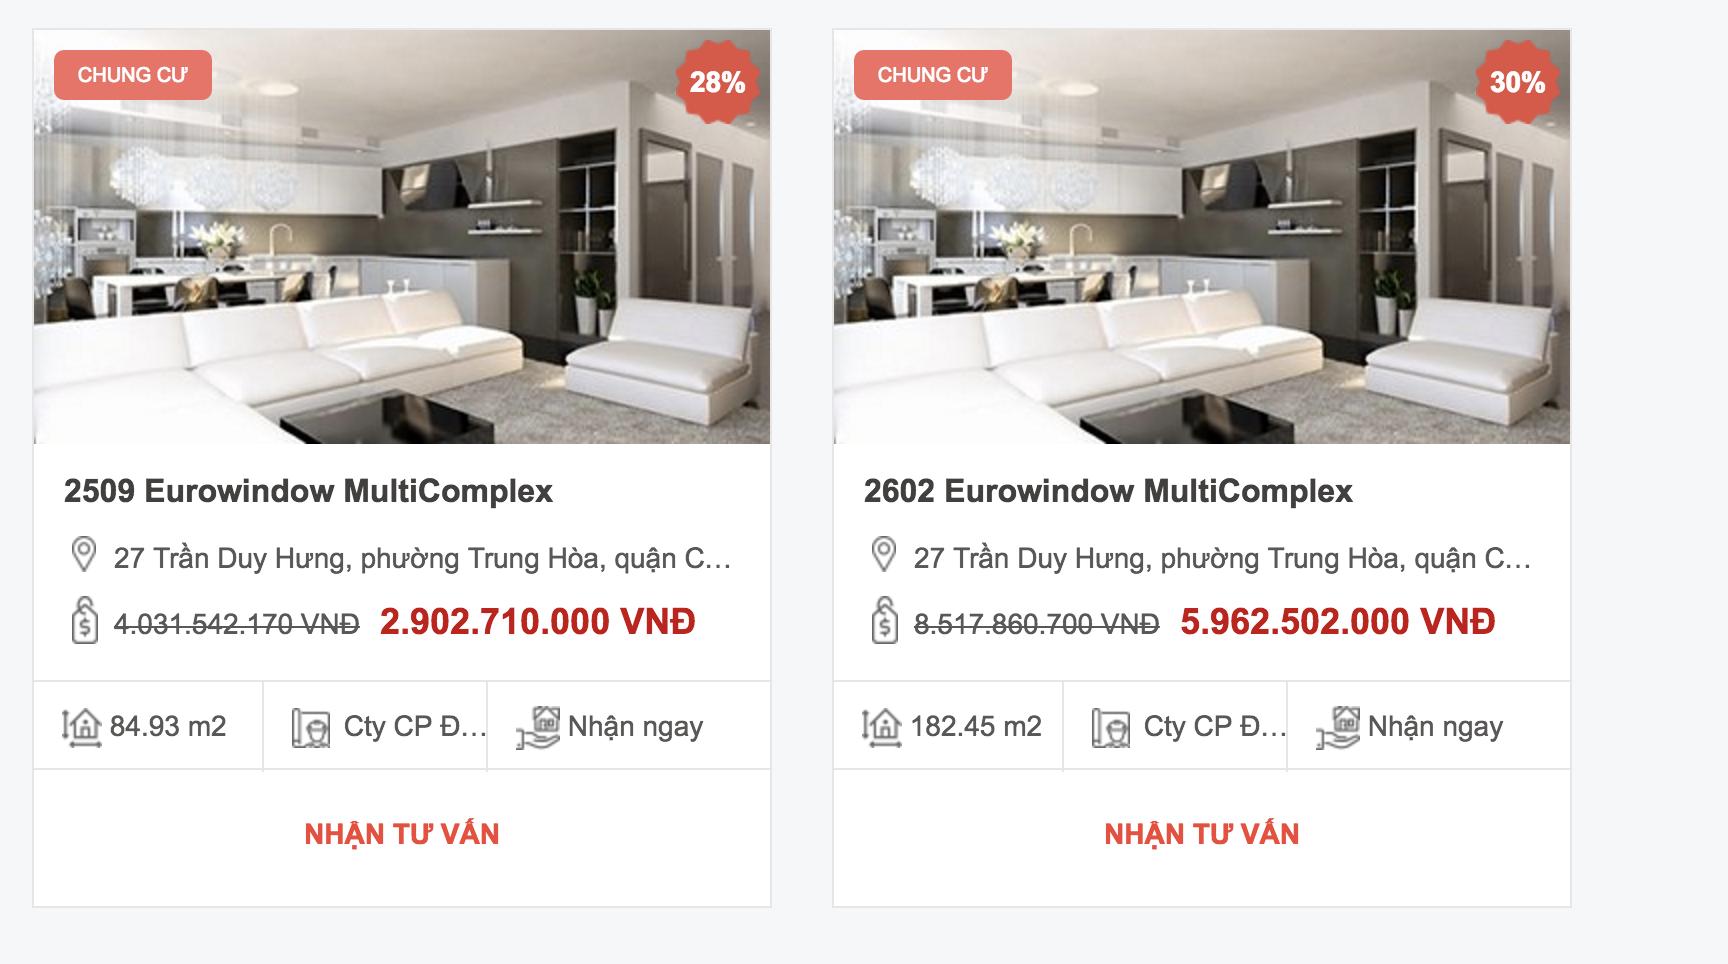 Dự án Eurowindow Multicomplex Trần Duy Hưng được quảng cáo là giảm 28-30% giá trị căn hộ trên website RedFriday. (Ảnh chụp màn hình khi diễn ra Tuần lễ vàng bất động sản Red Friday)